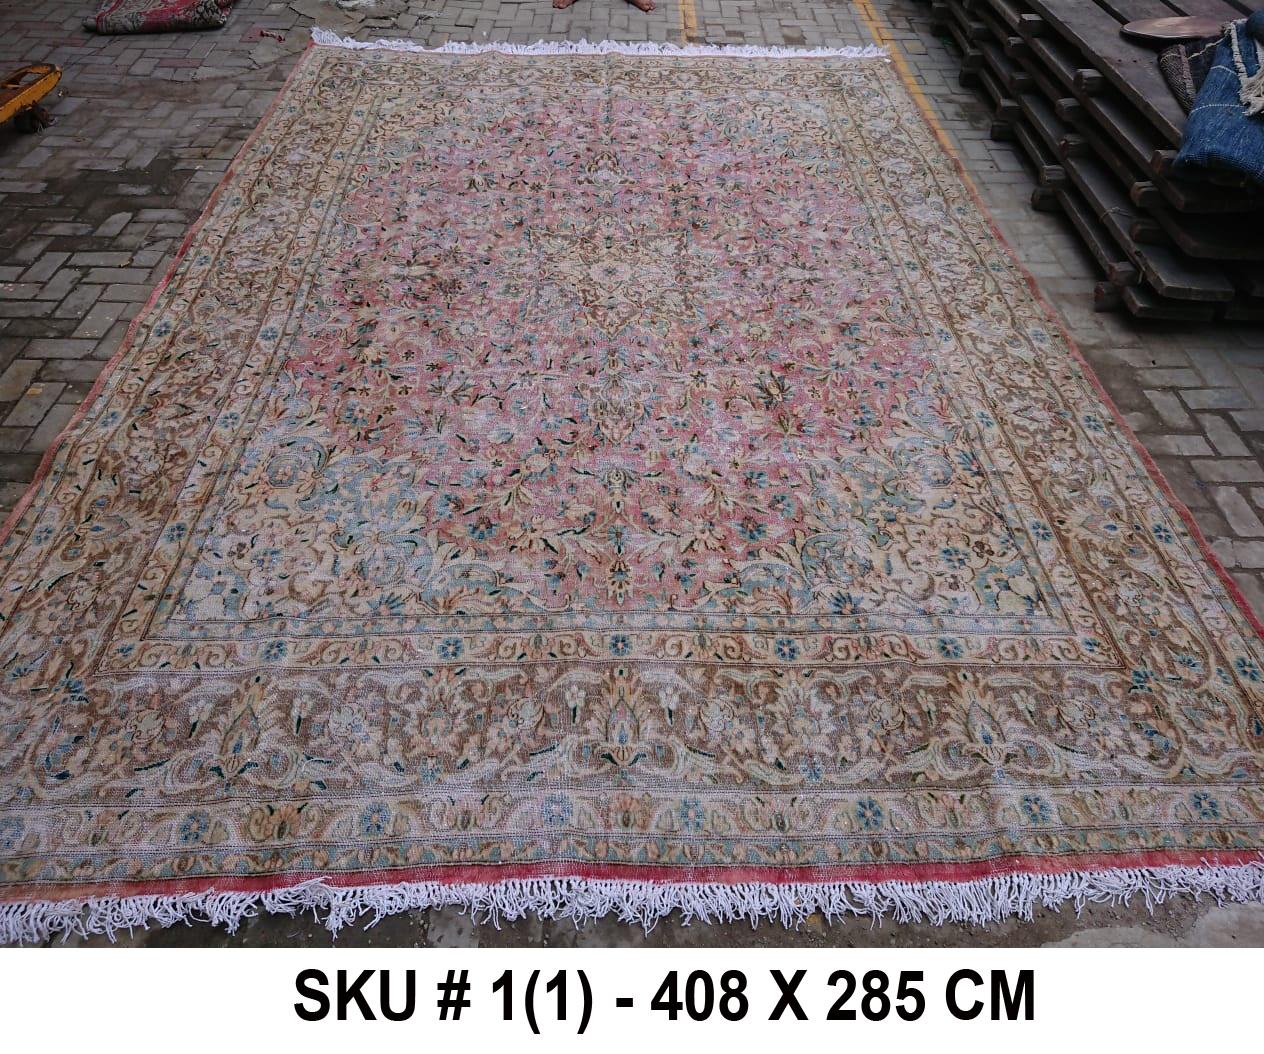 Vintage vloerkleed, nr.98000, 408cm x 285cm